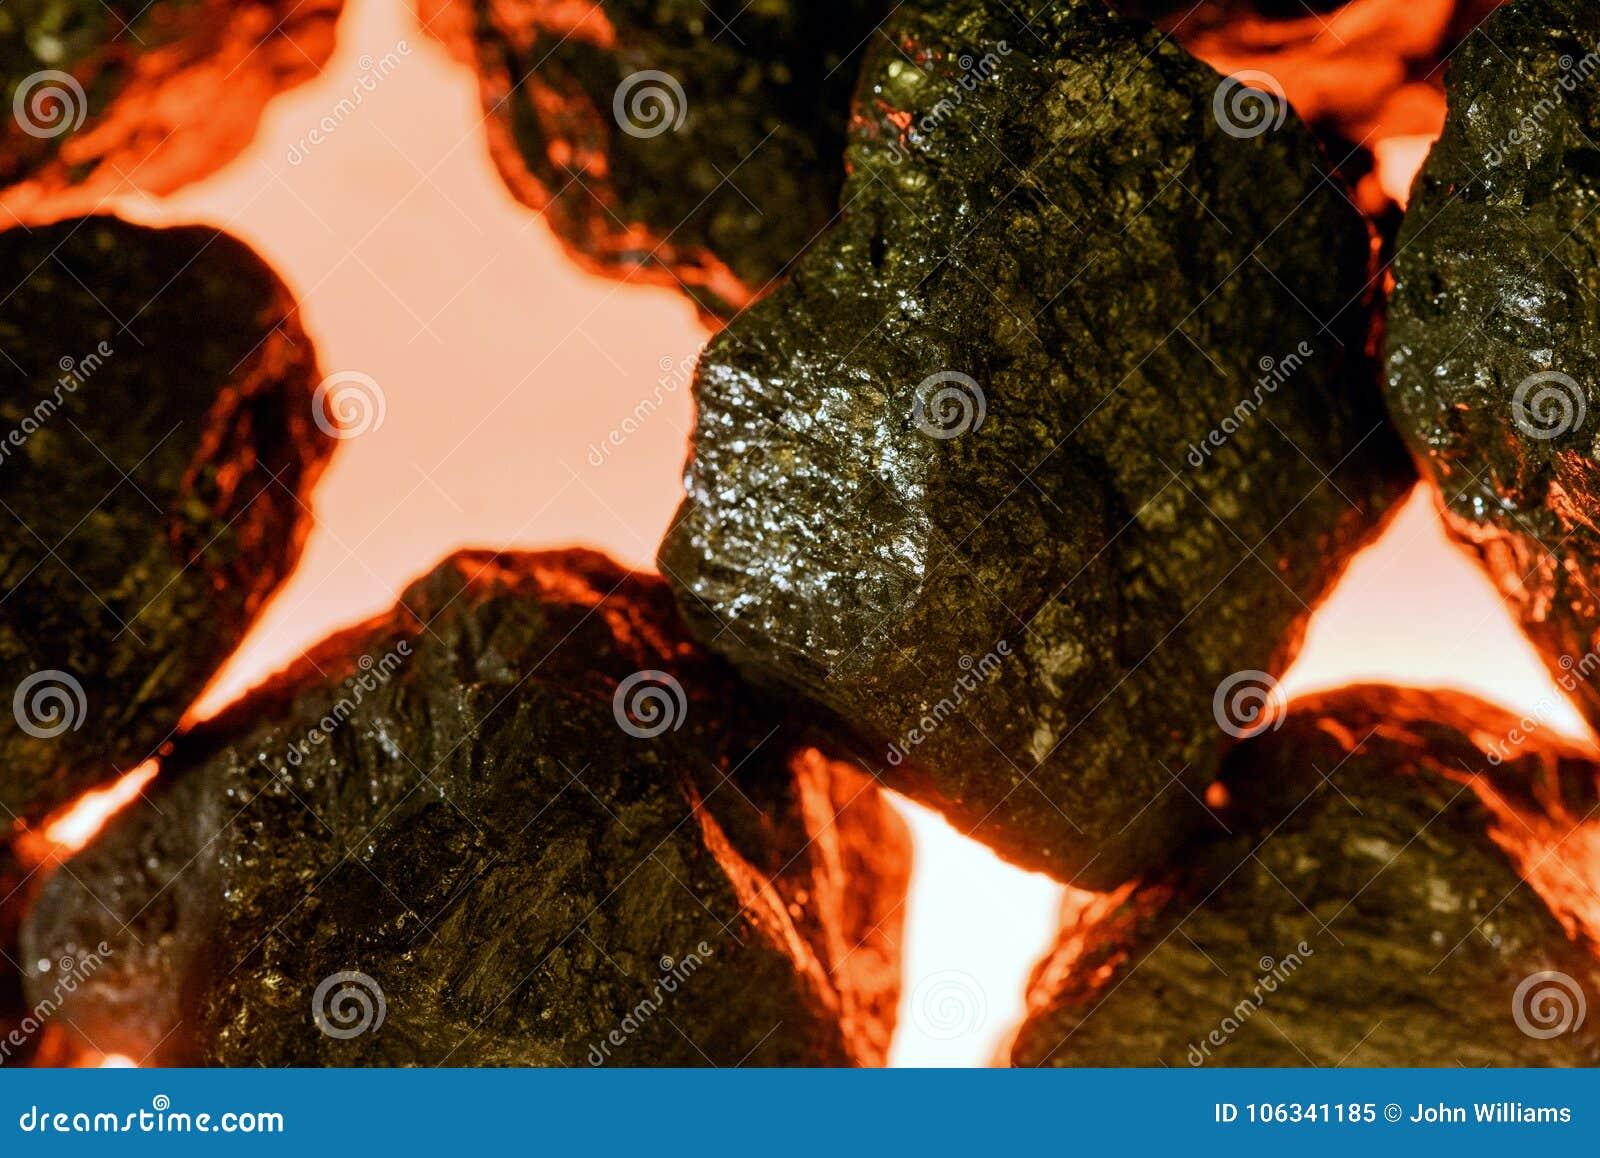 Sztuczny węgiel i imitacja ogień